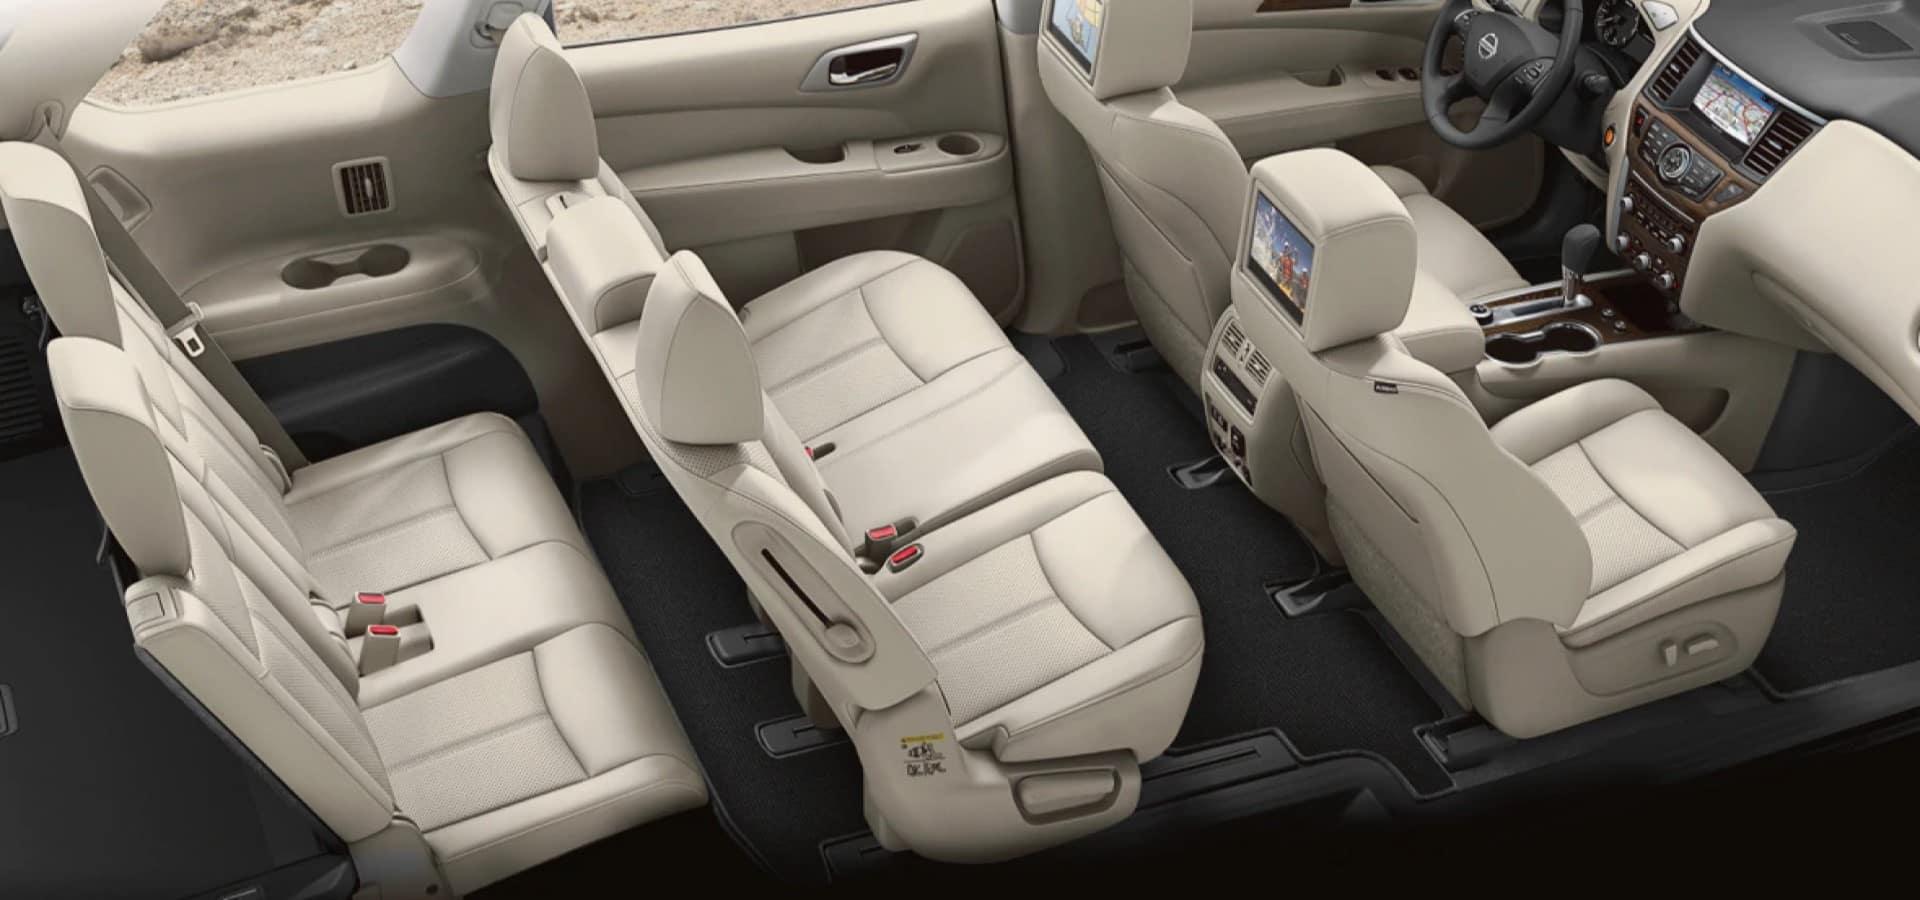 Nissan_Pathfinder_Interior_Cabin_Space